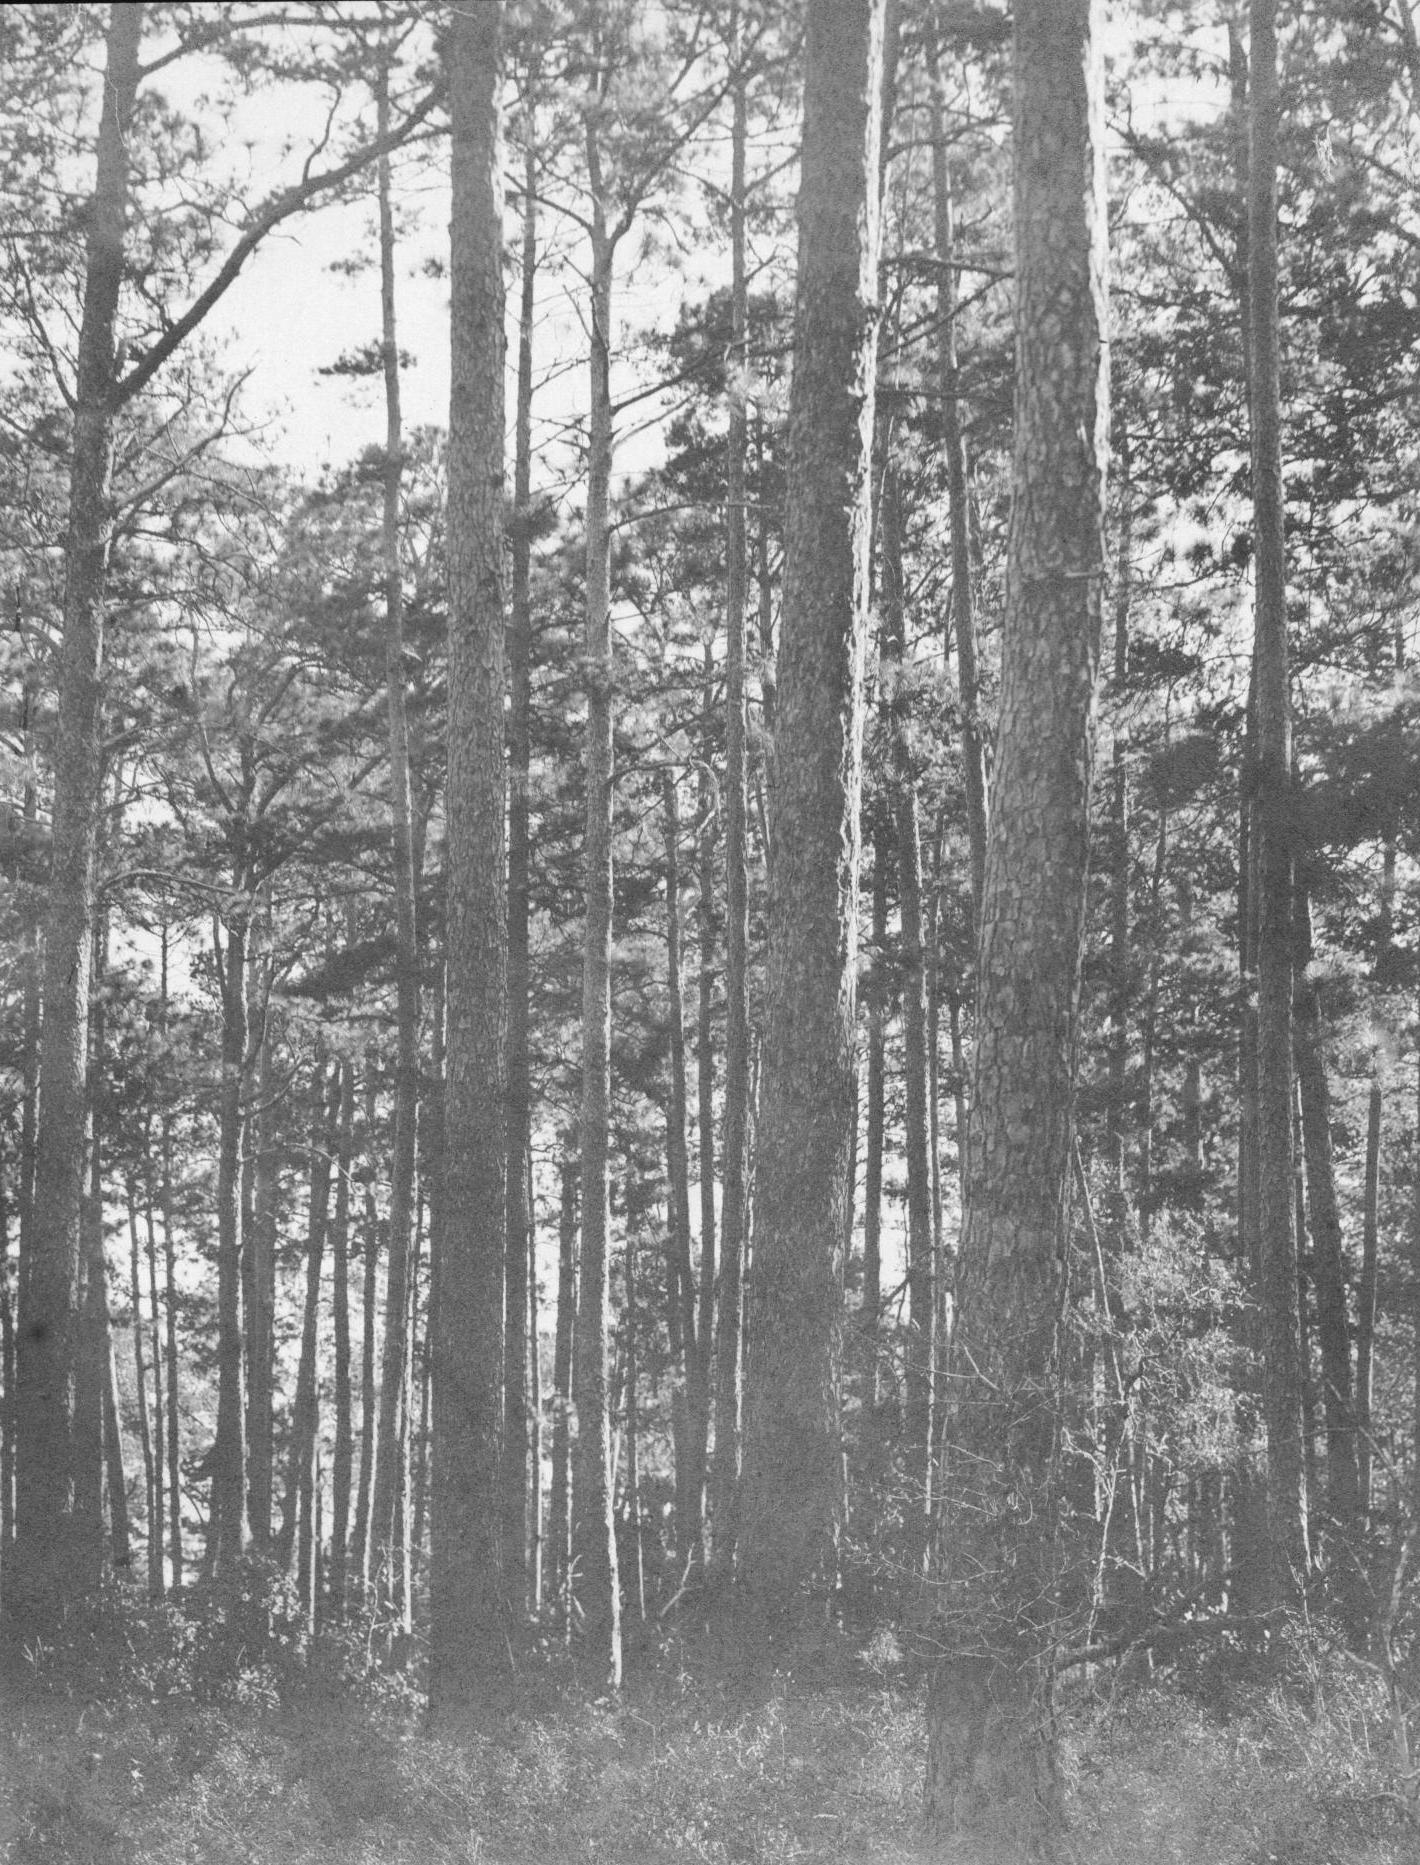 S. P. 331 Shortleaf Yellow Pine Timber, Buck Wammuck's Place